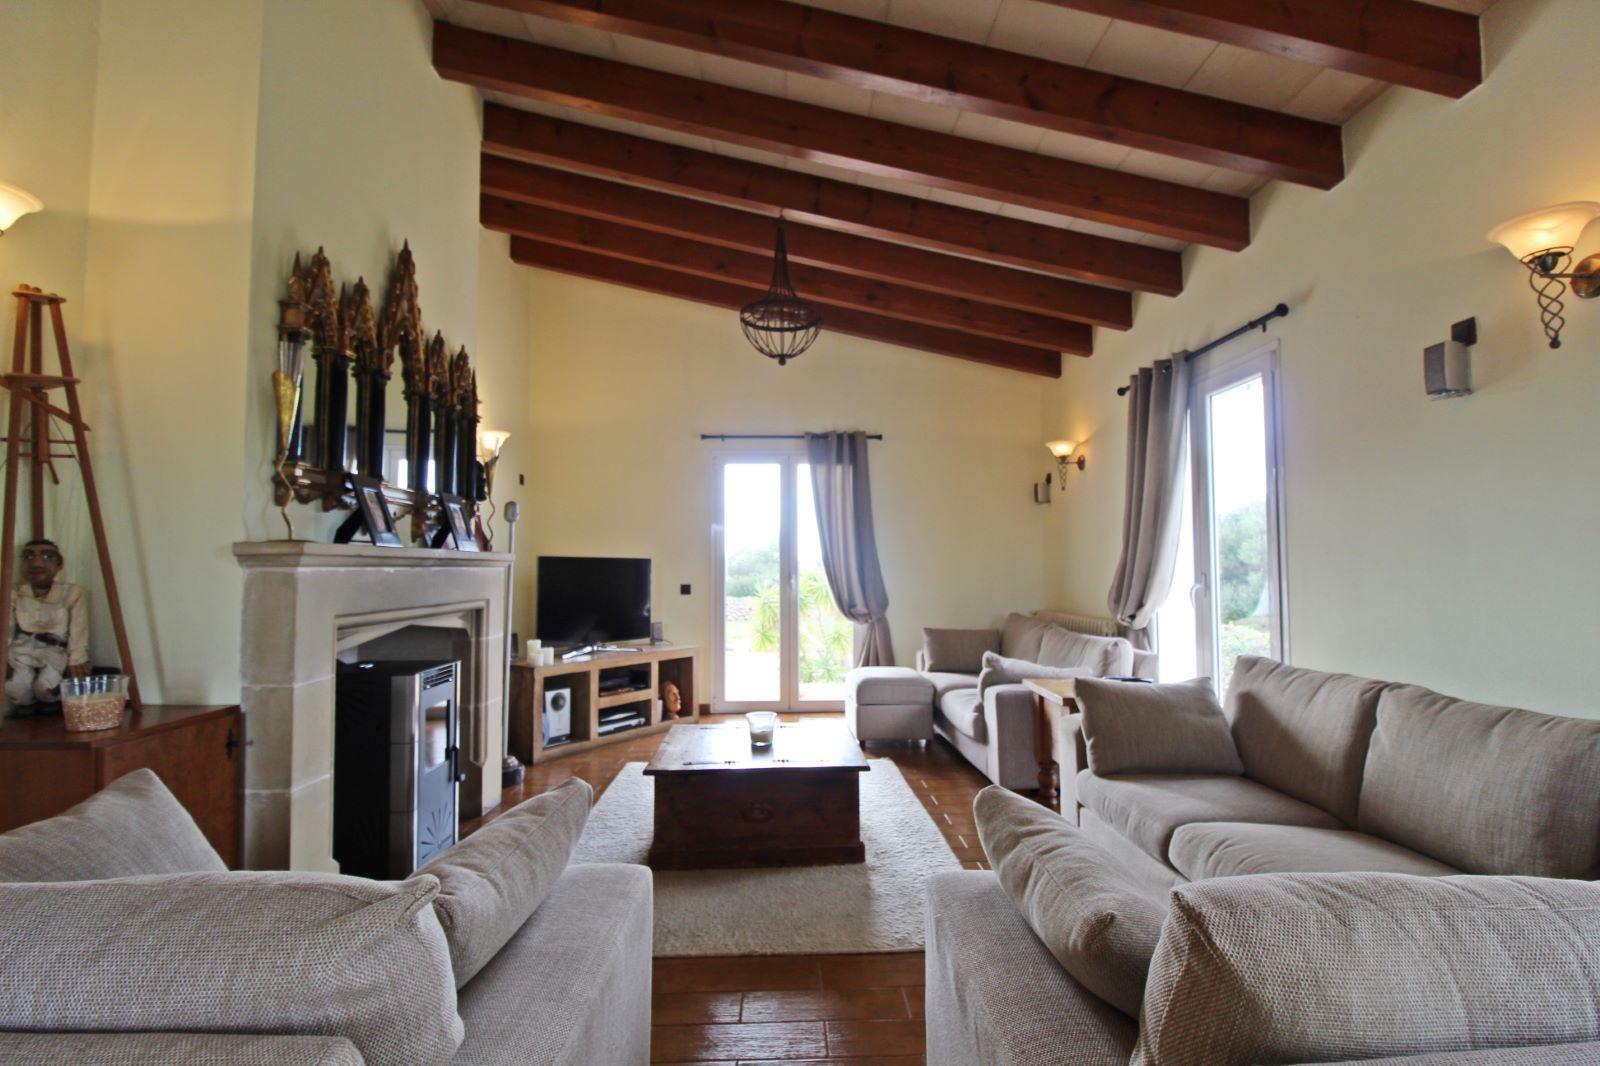 Villa in Alcaufar Ref: H1989 3